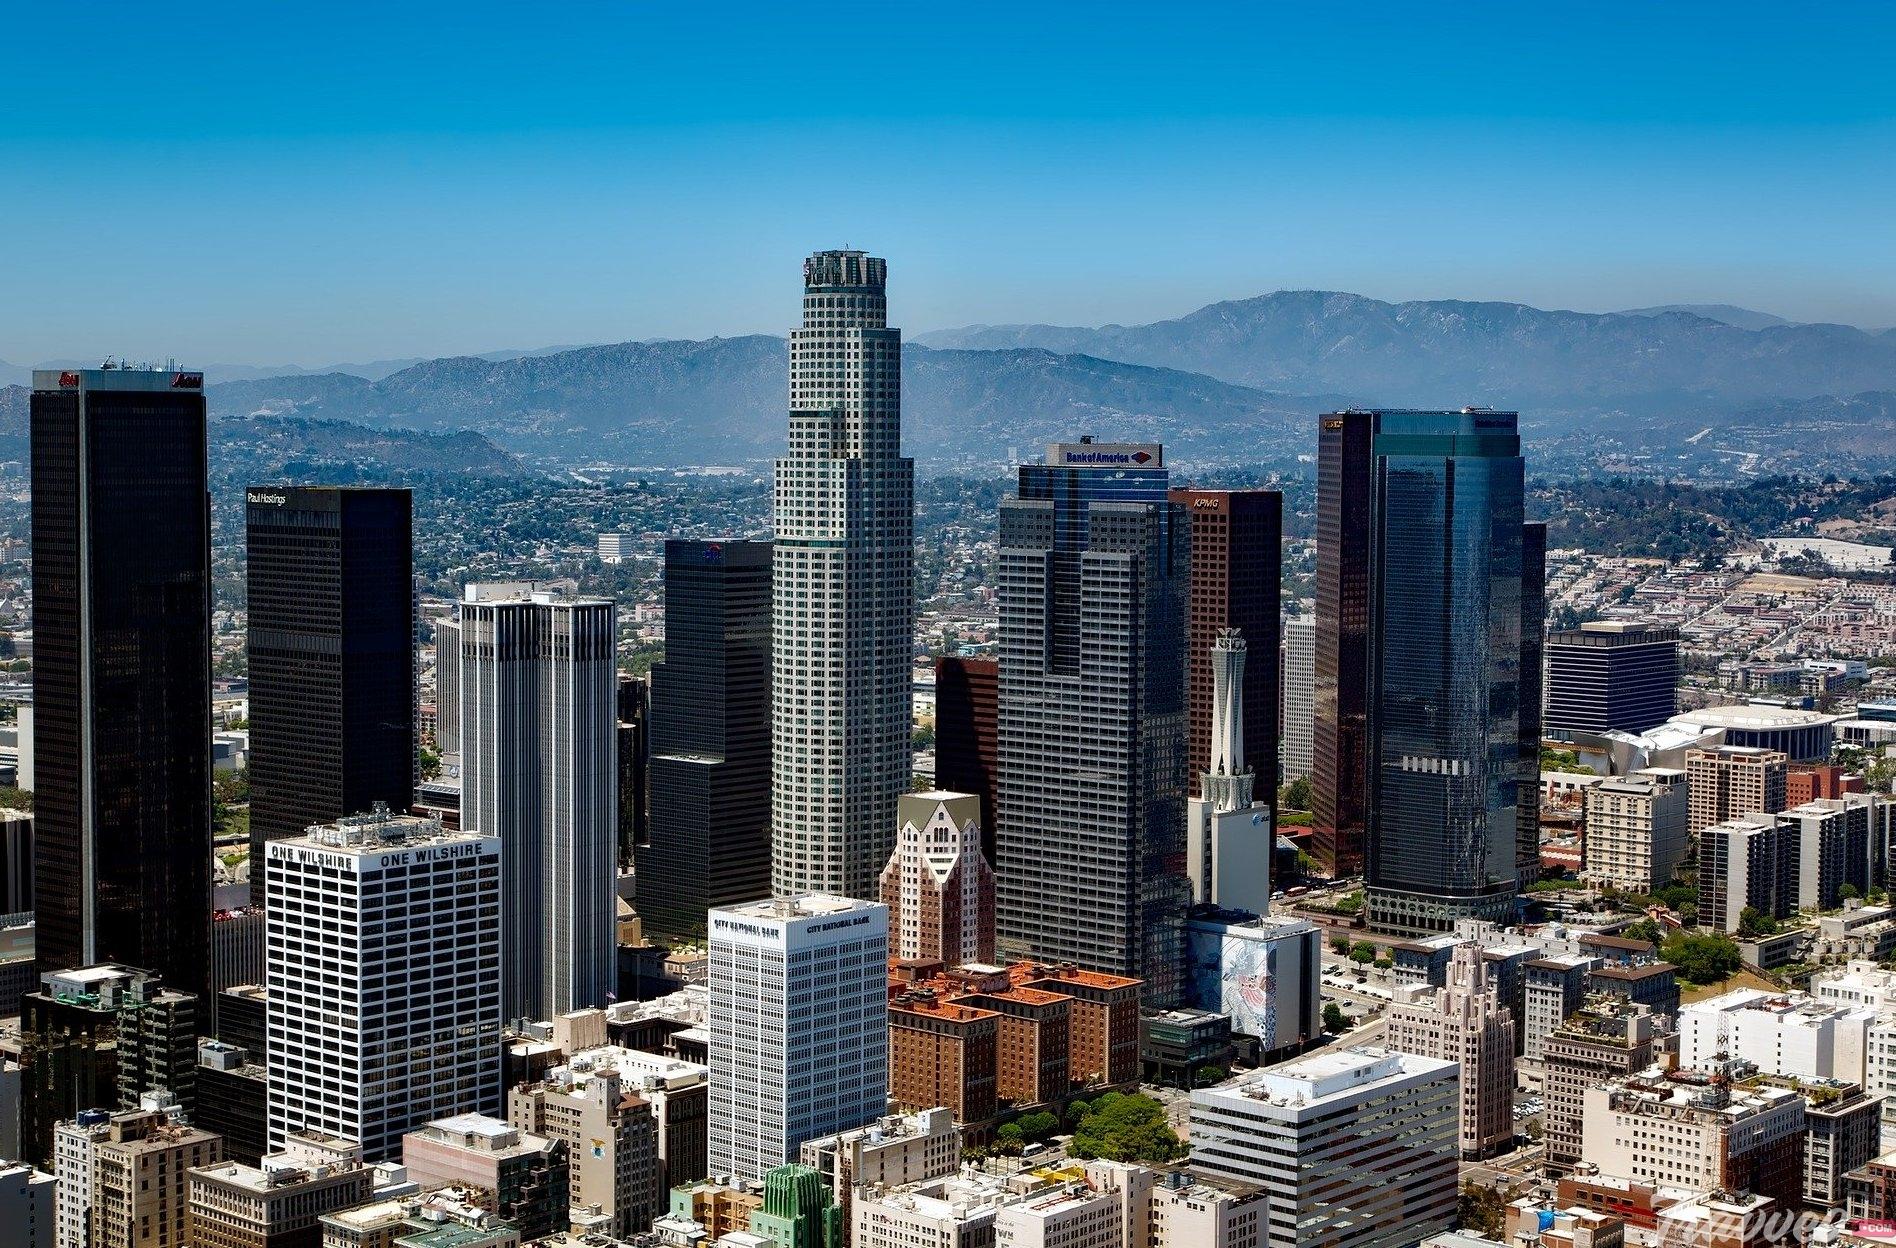 أفضل فنادق لوس انجلوس الموصي بها